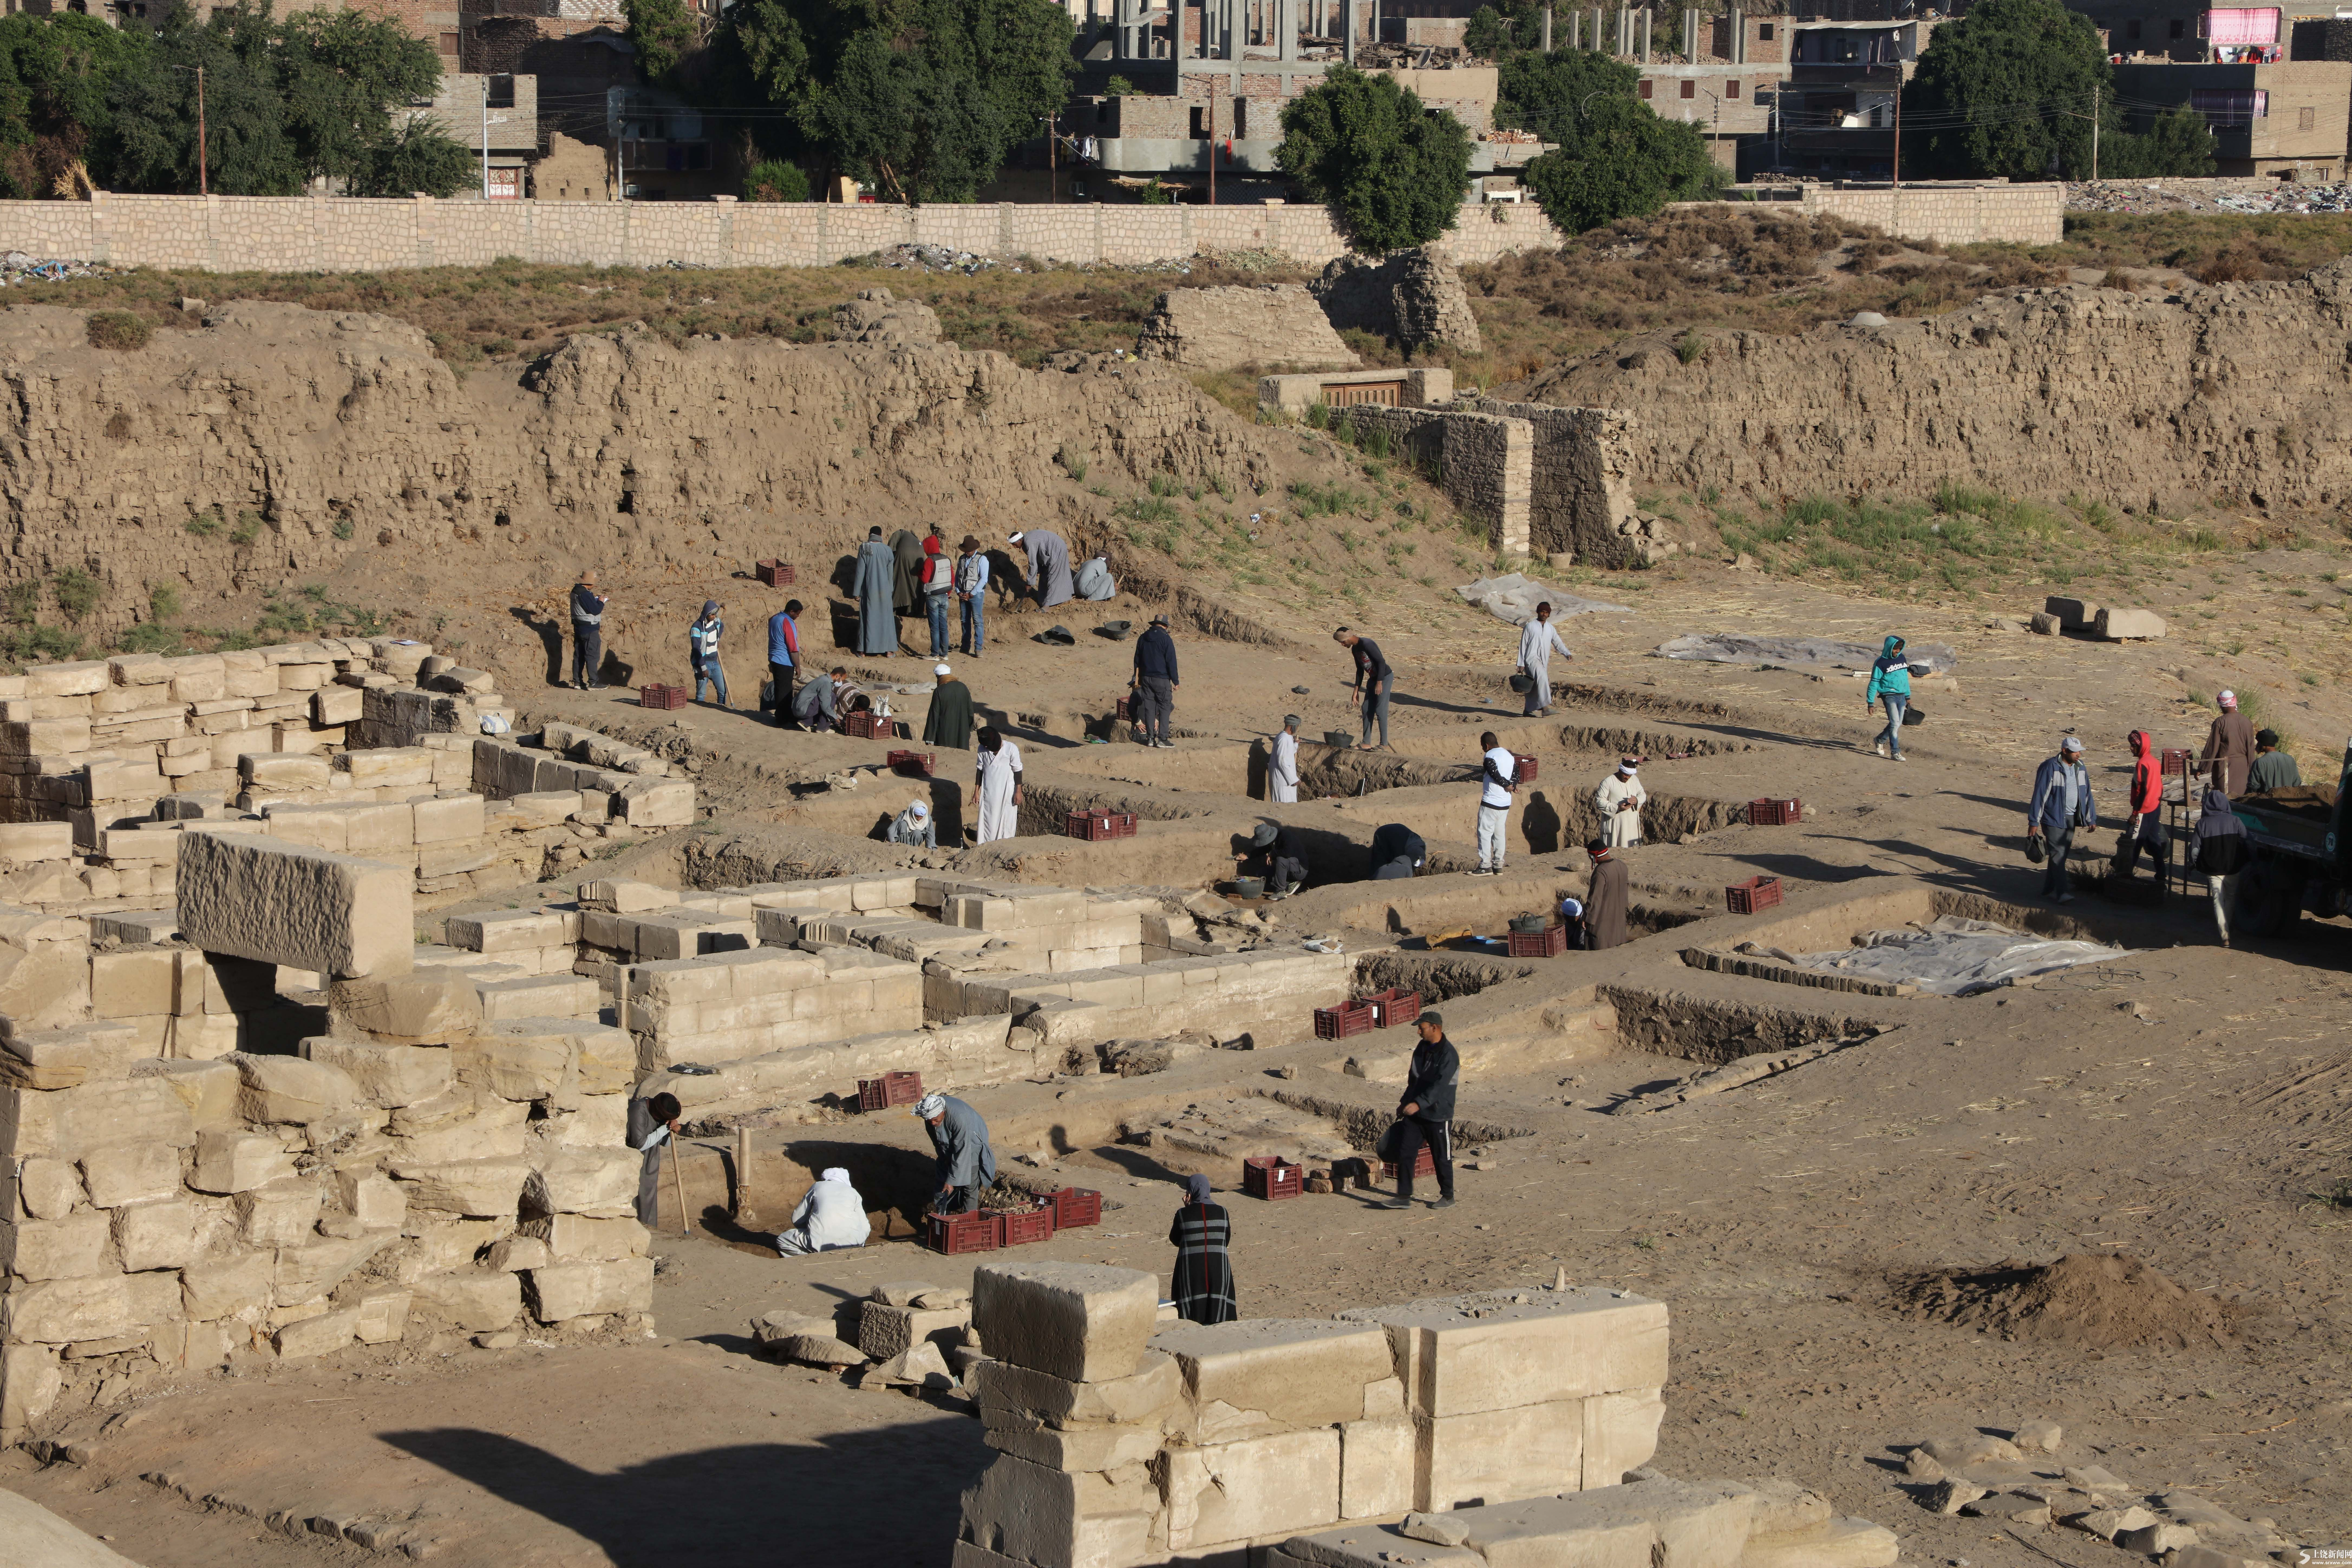 疫中考古——中国与埃及首次联合考古取得阶段性成果